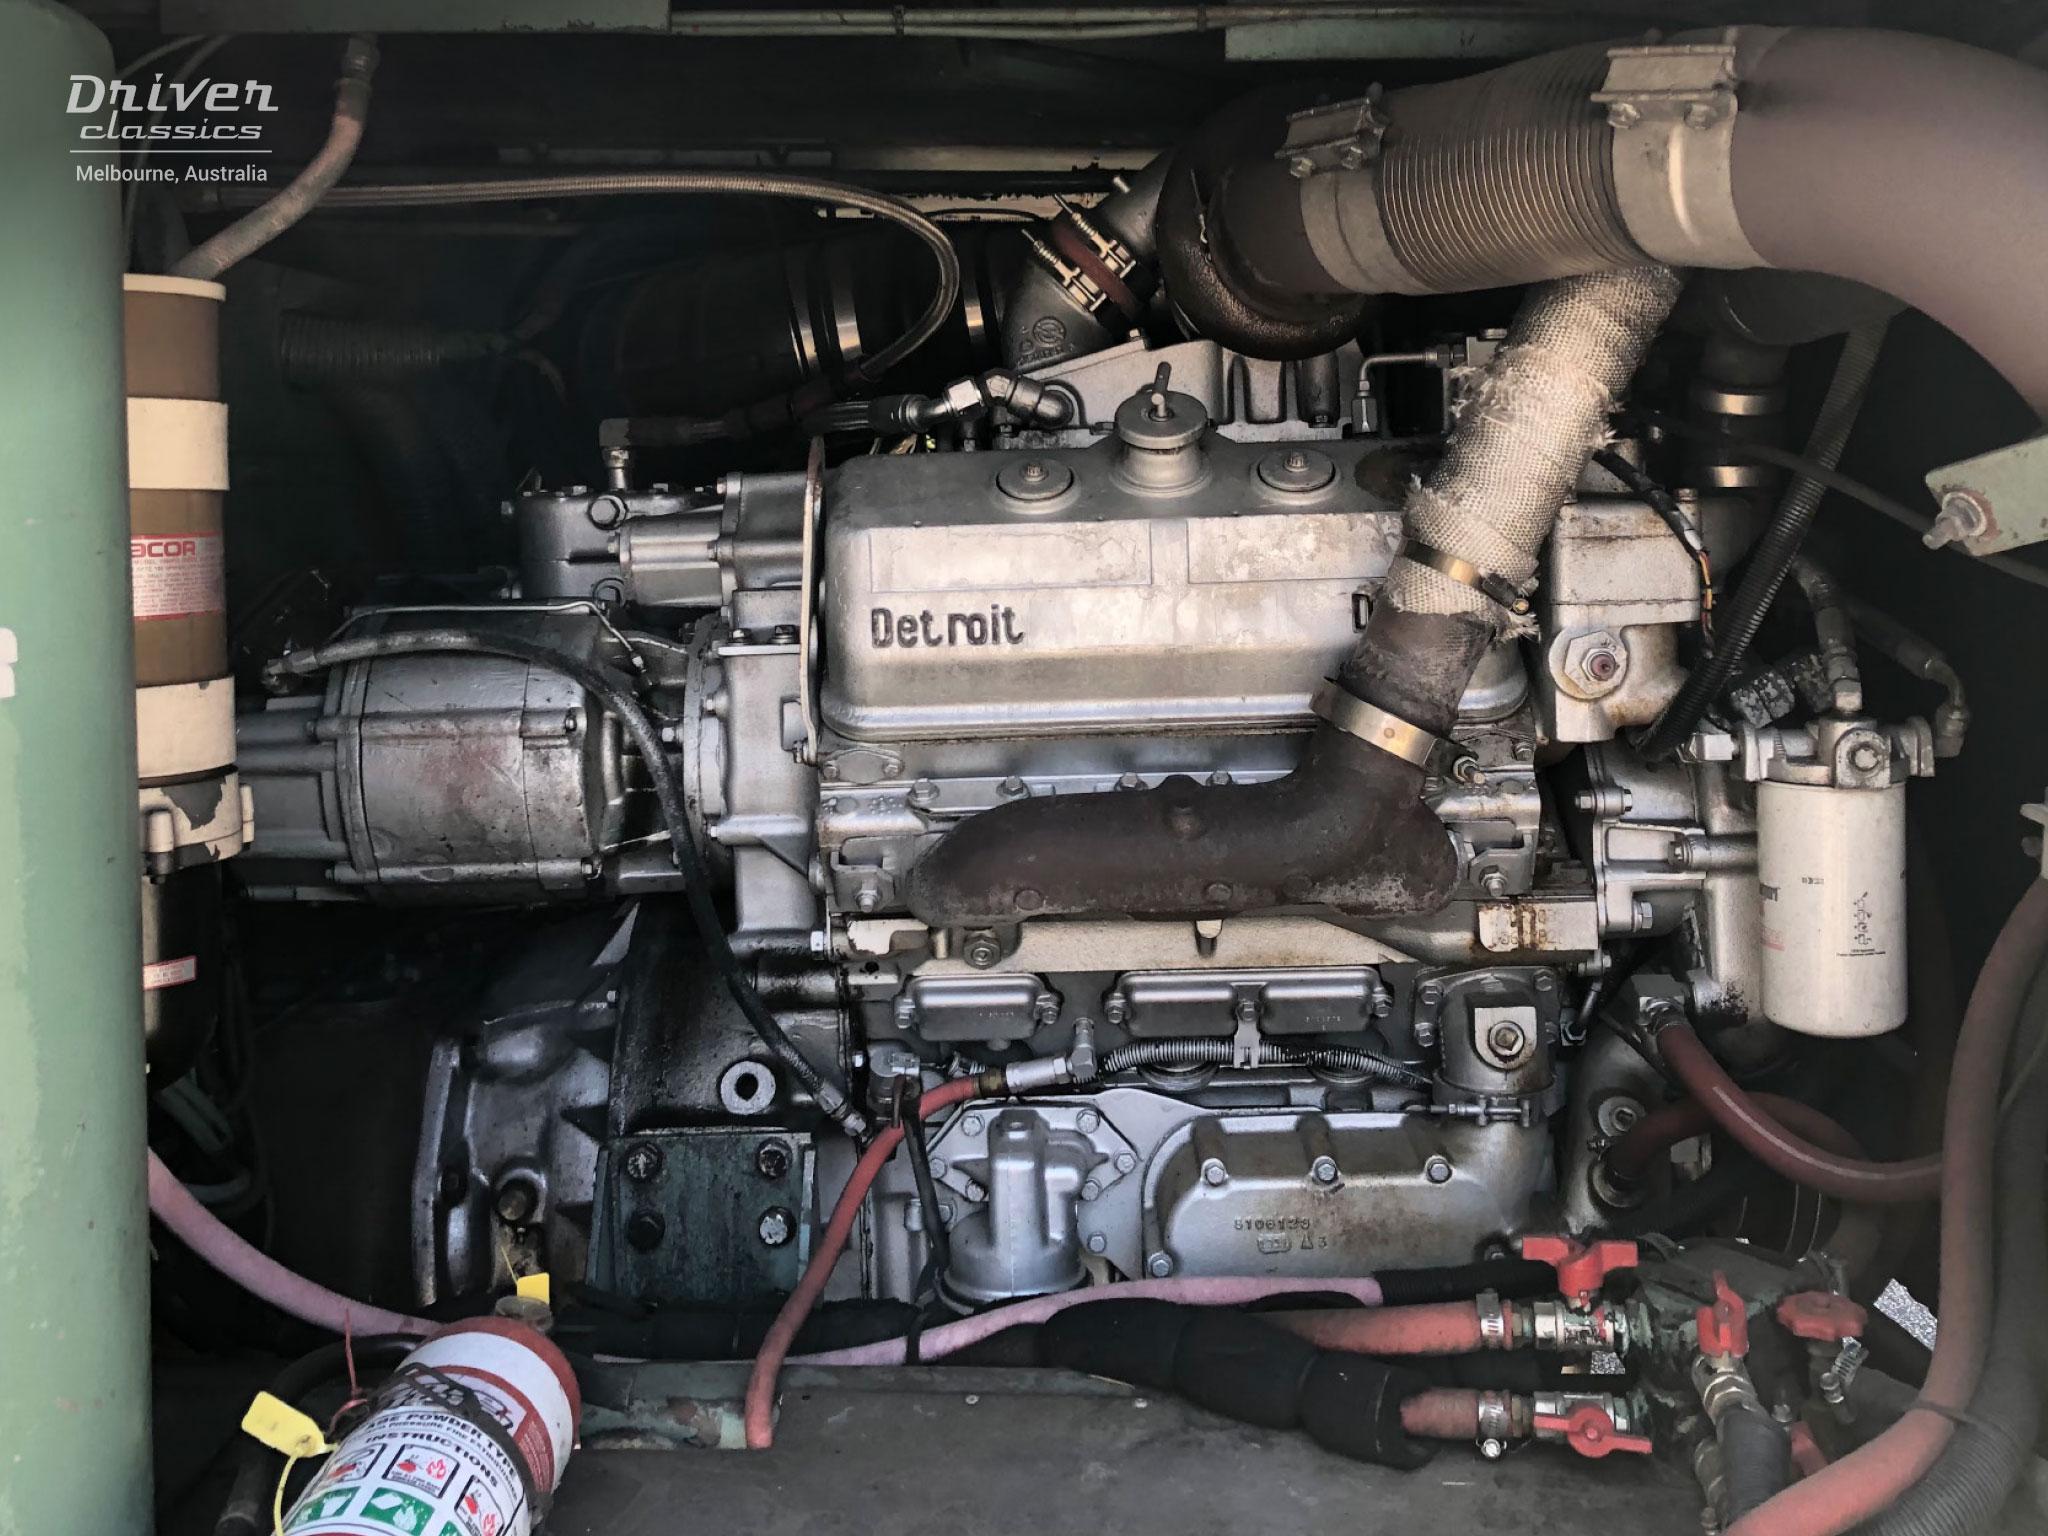 Detroit Diesel 6V92 TTA Silver 350 engine, in Denning Landseer bus, photo taken February 2021